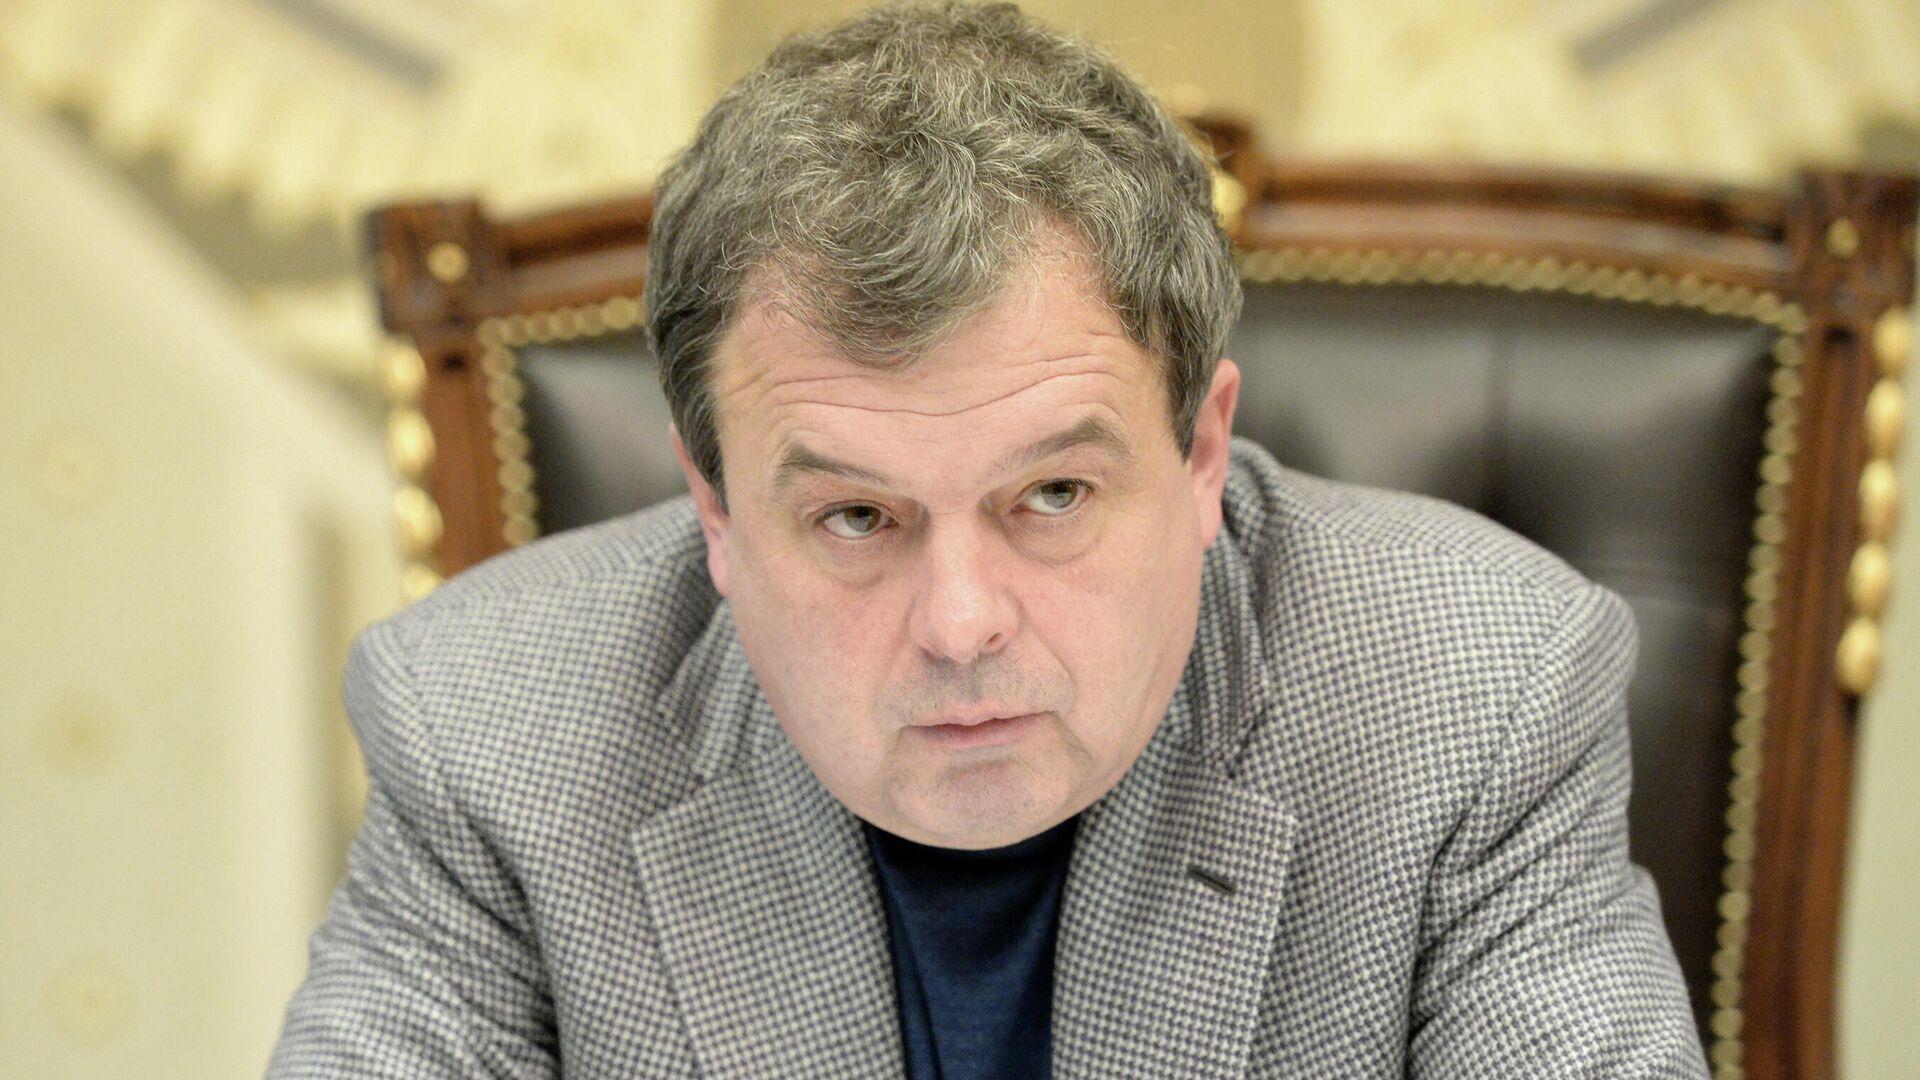 Председатель совета директоров группы компаний СУ-155 Михаил Балакин - РИА Новости, 1920, 24.03.2021